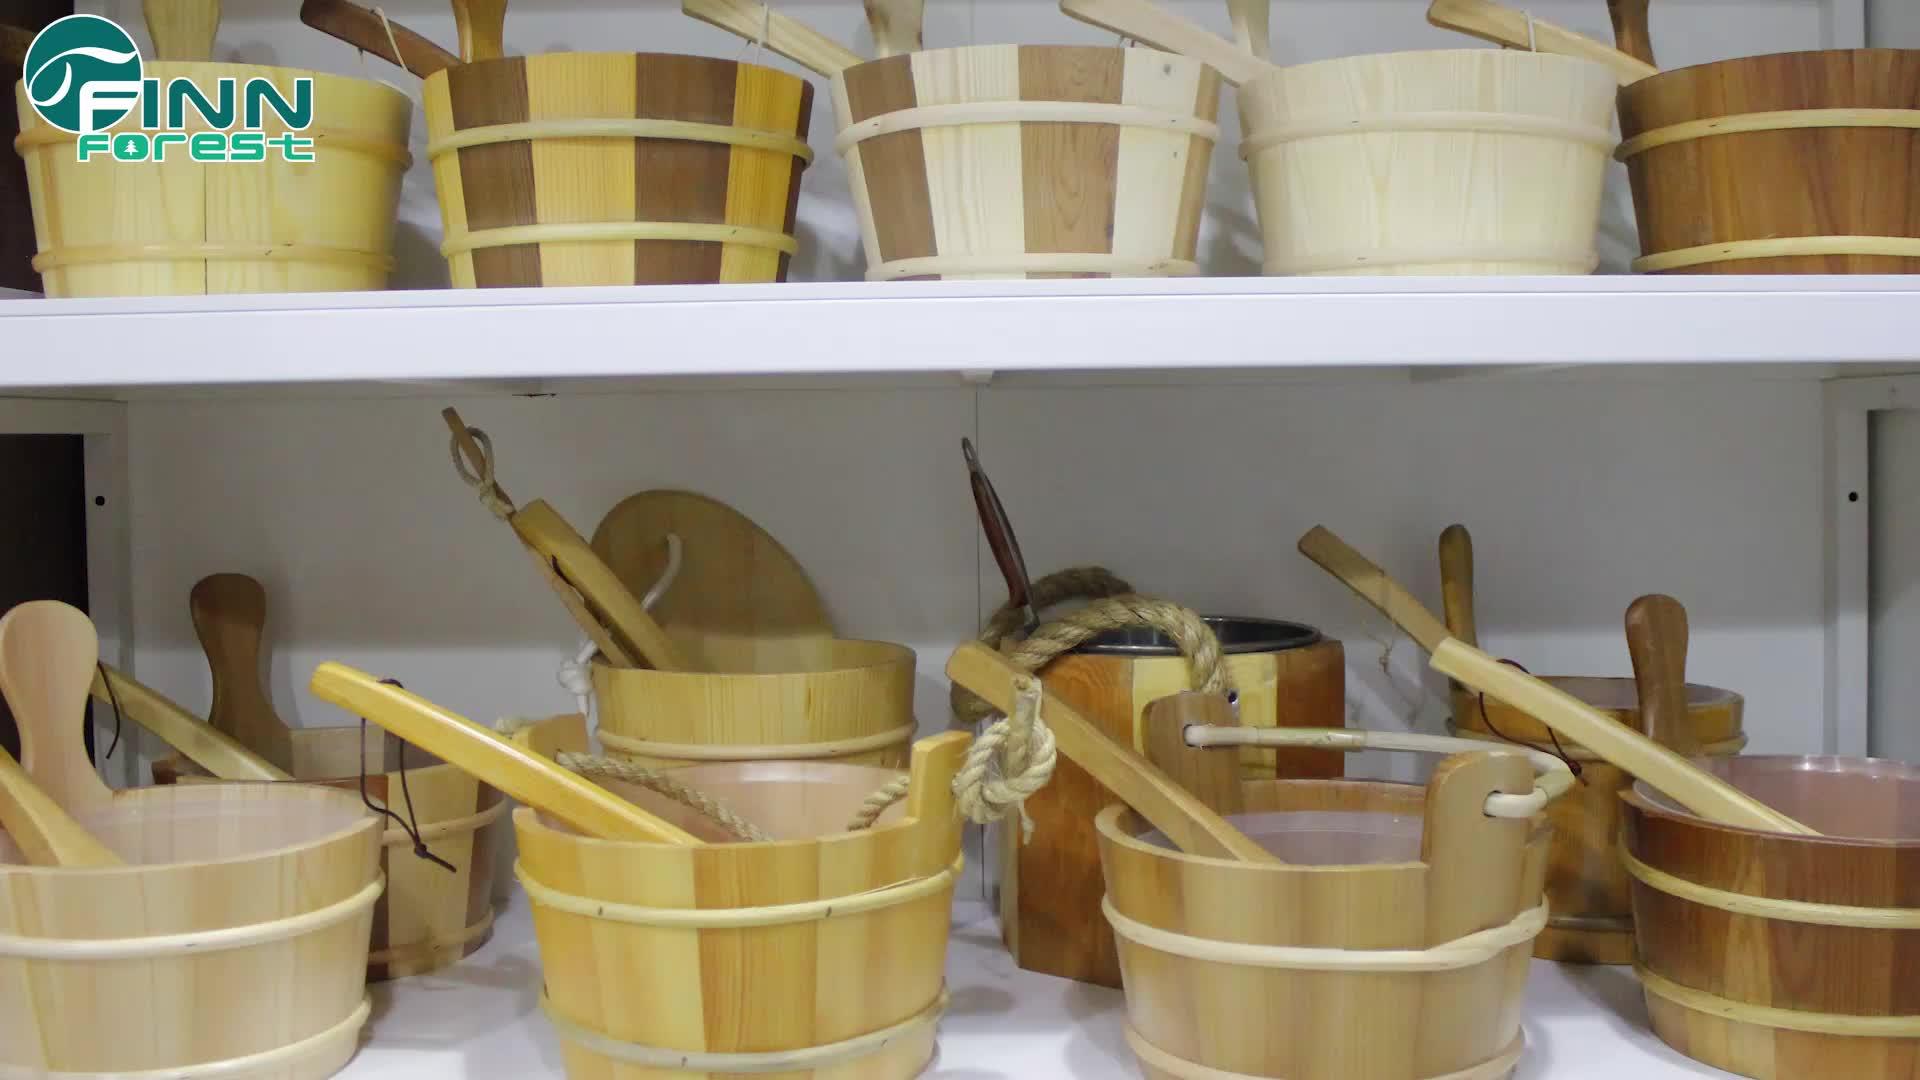 ห้องอบไอน้ำซาวน่าอุปกรณ์ซาวน่าไม้ห้องอาบน้ำฝักบัวถัง